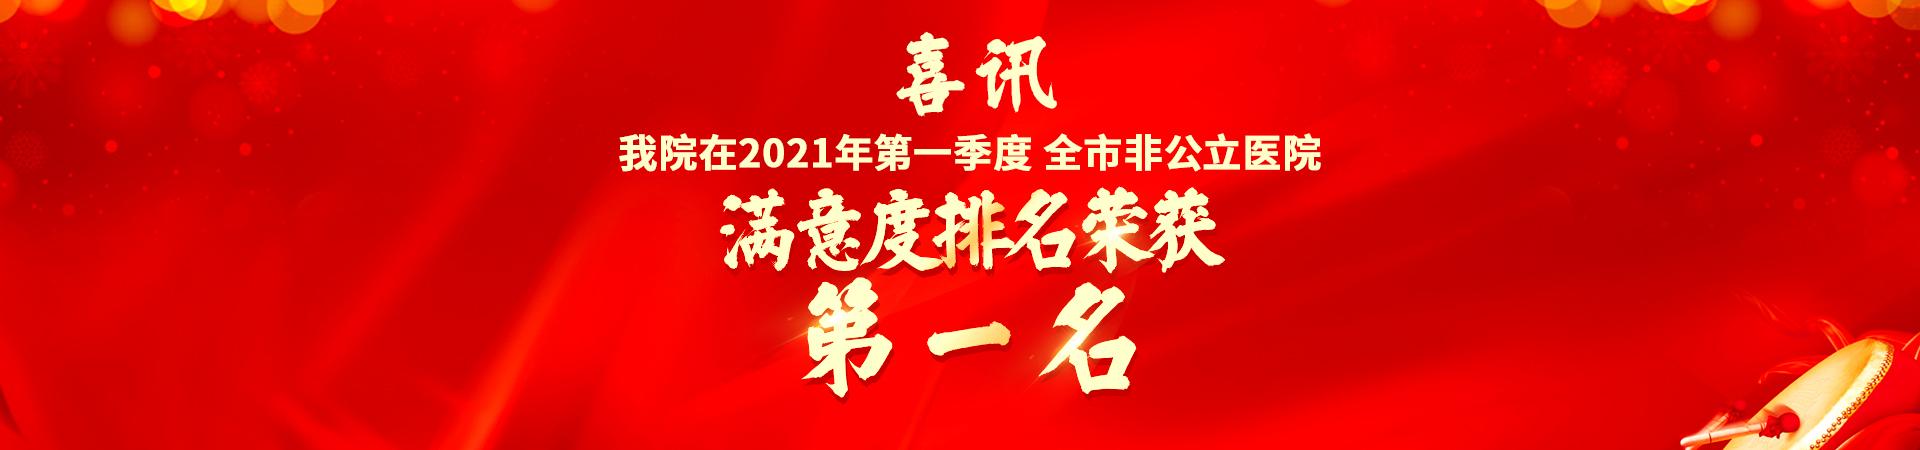 喜迅!深圳华厦眼科医院获得2021年第一季度全市非公立医院满意度评分排名第一!